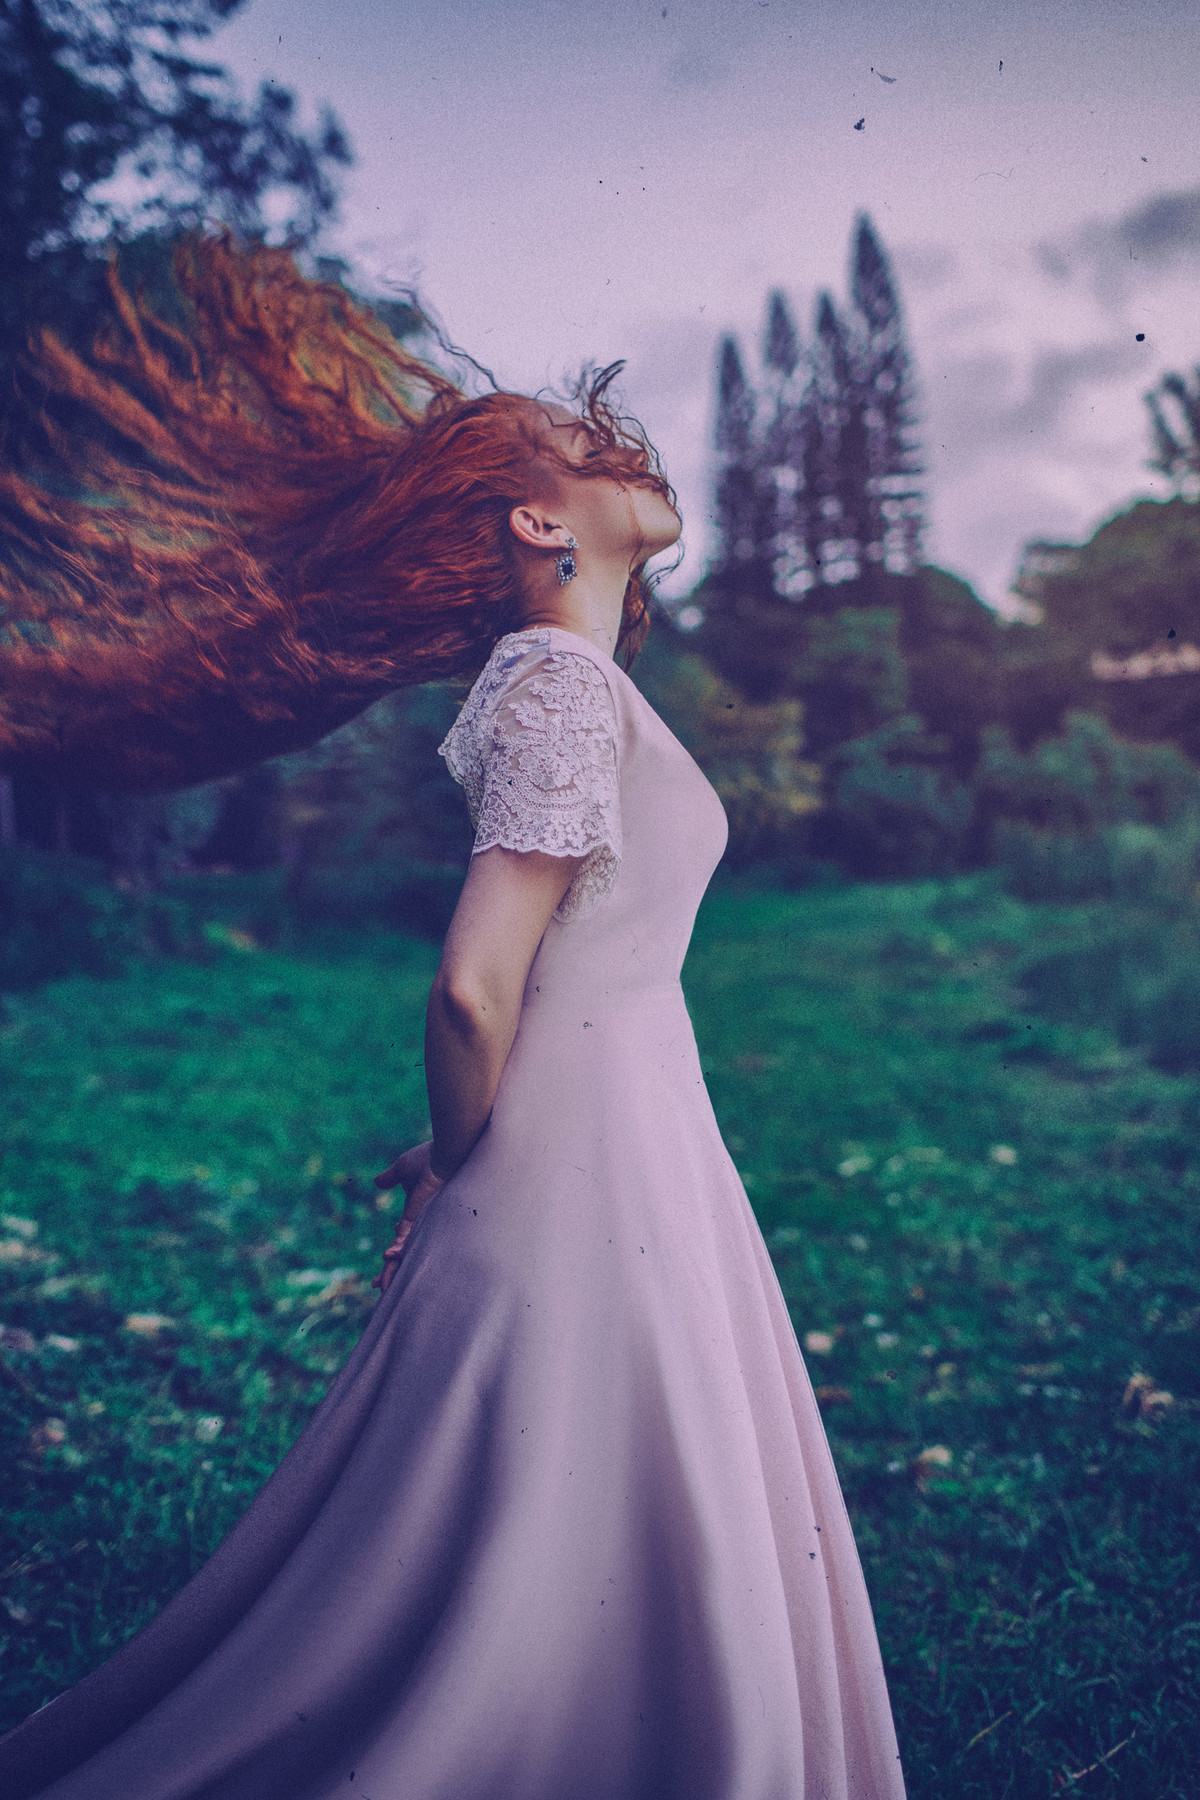 Ensaio feminino no estilo Fantasy realizado pelo fotógrafo Rafael Ohana de Brasília com a produção de Gwen Ohana